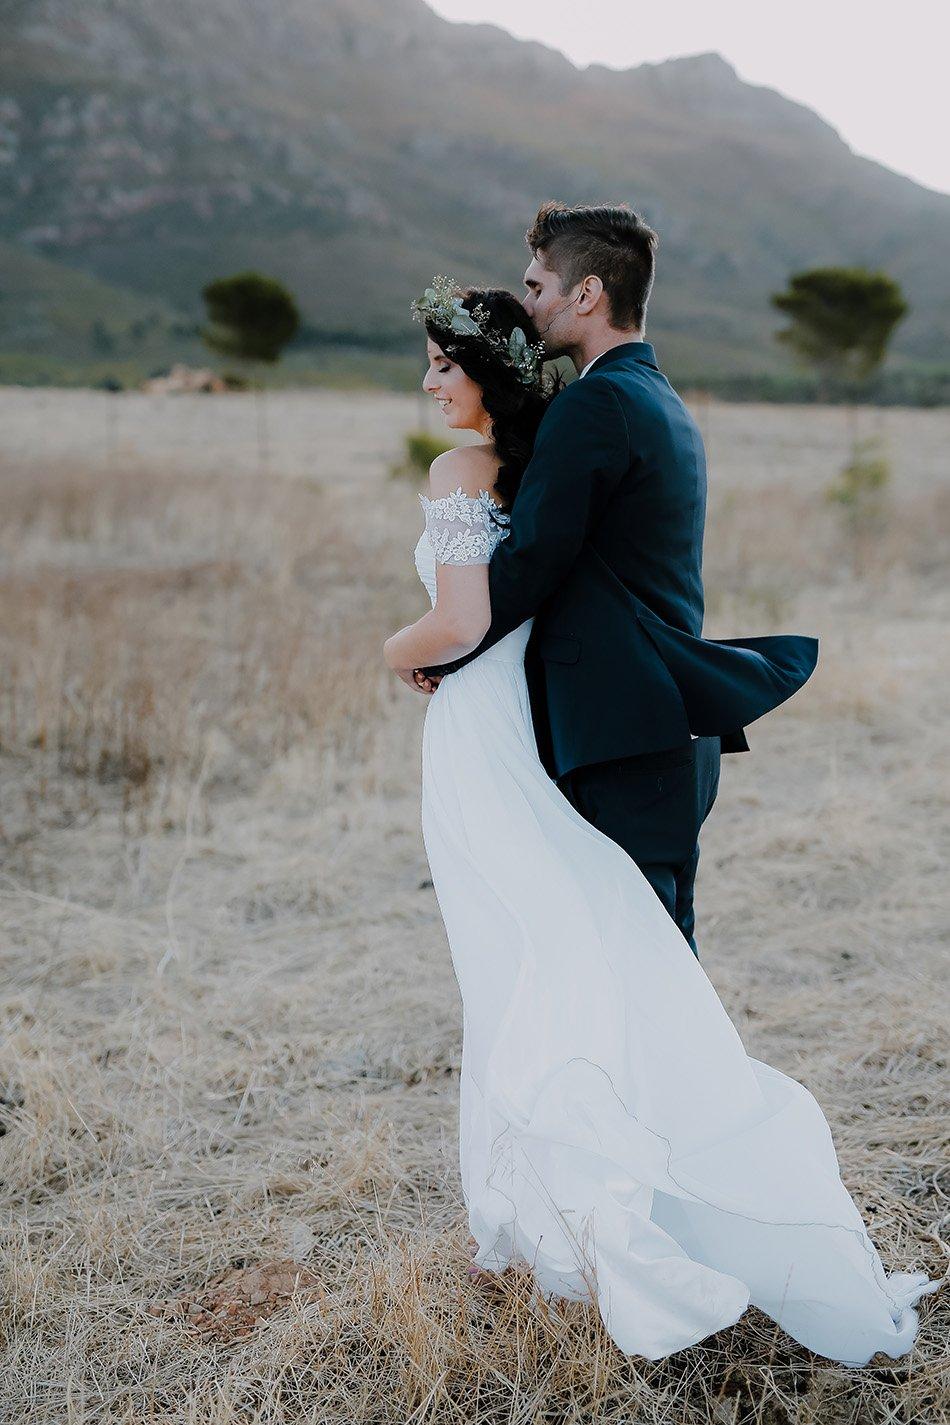 Odette&Andreas {Married@Groenrivier,Riebeek West}-133